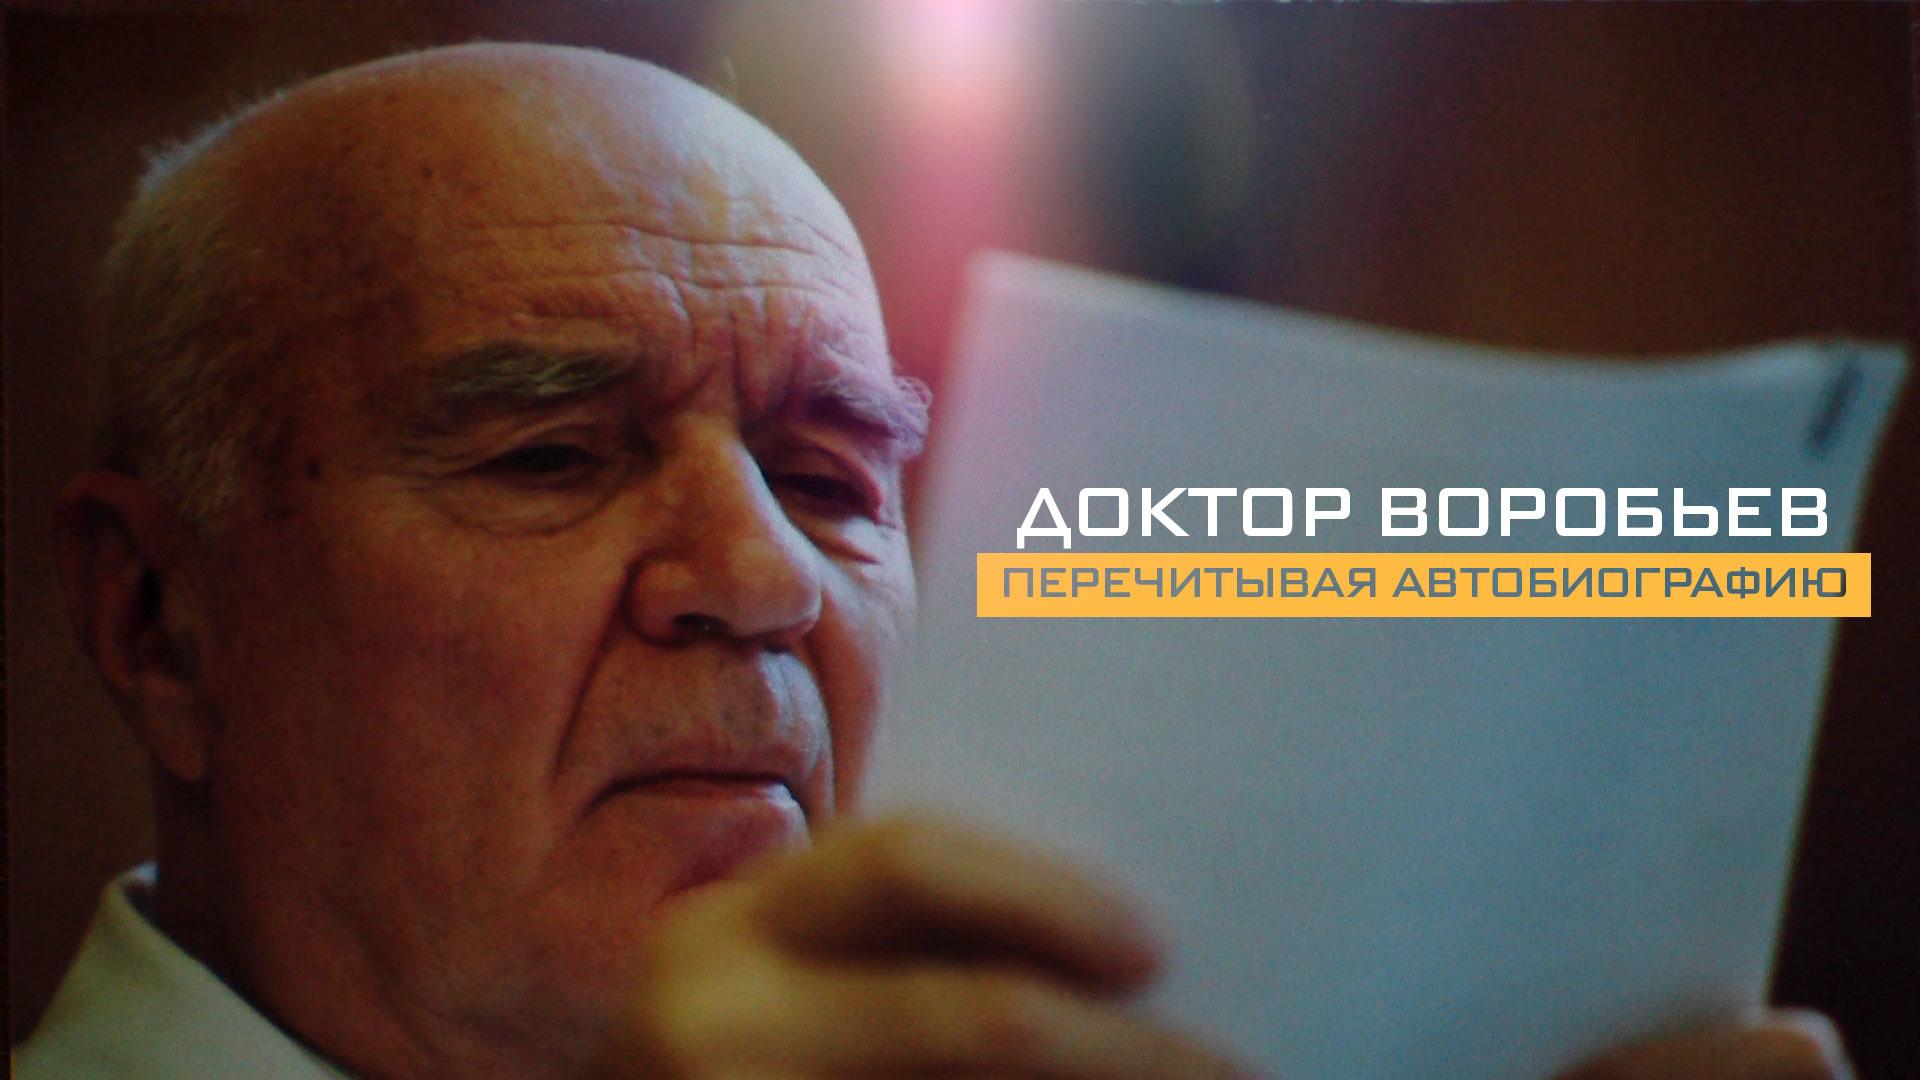 Доктор Воробьев. Перечитывая автобиографию